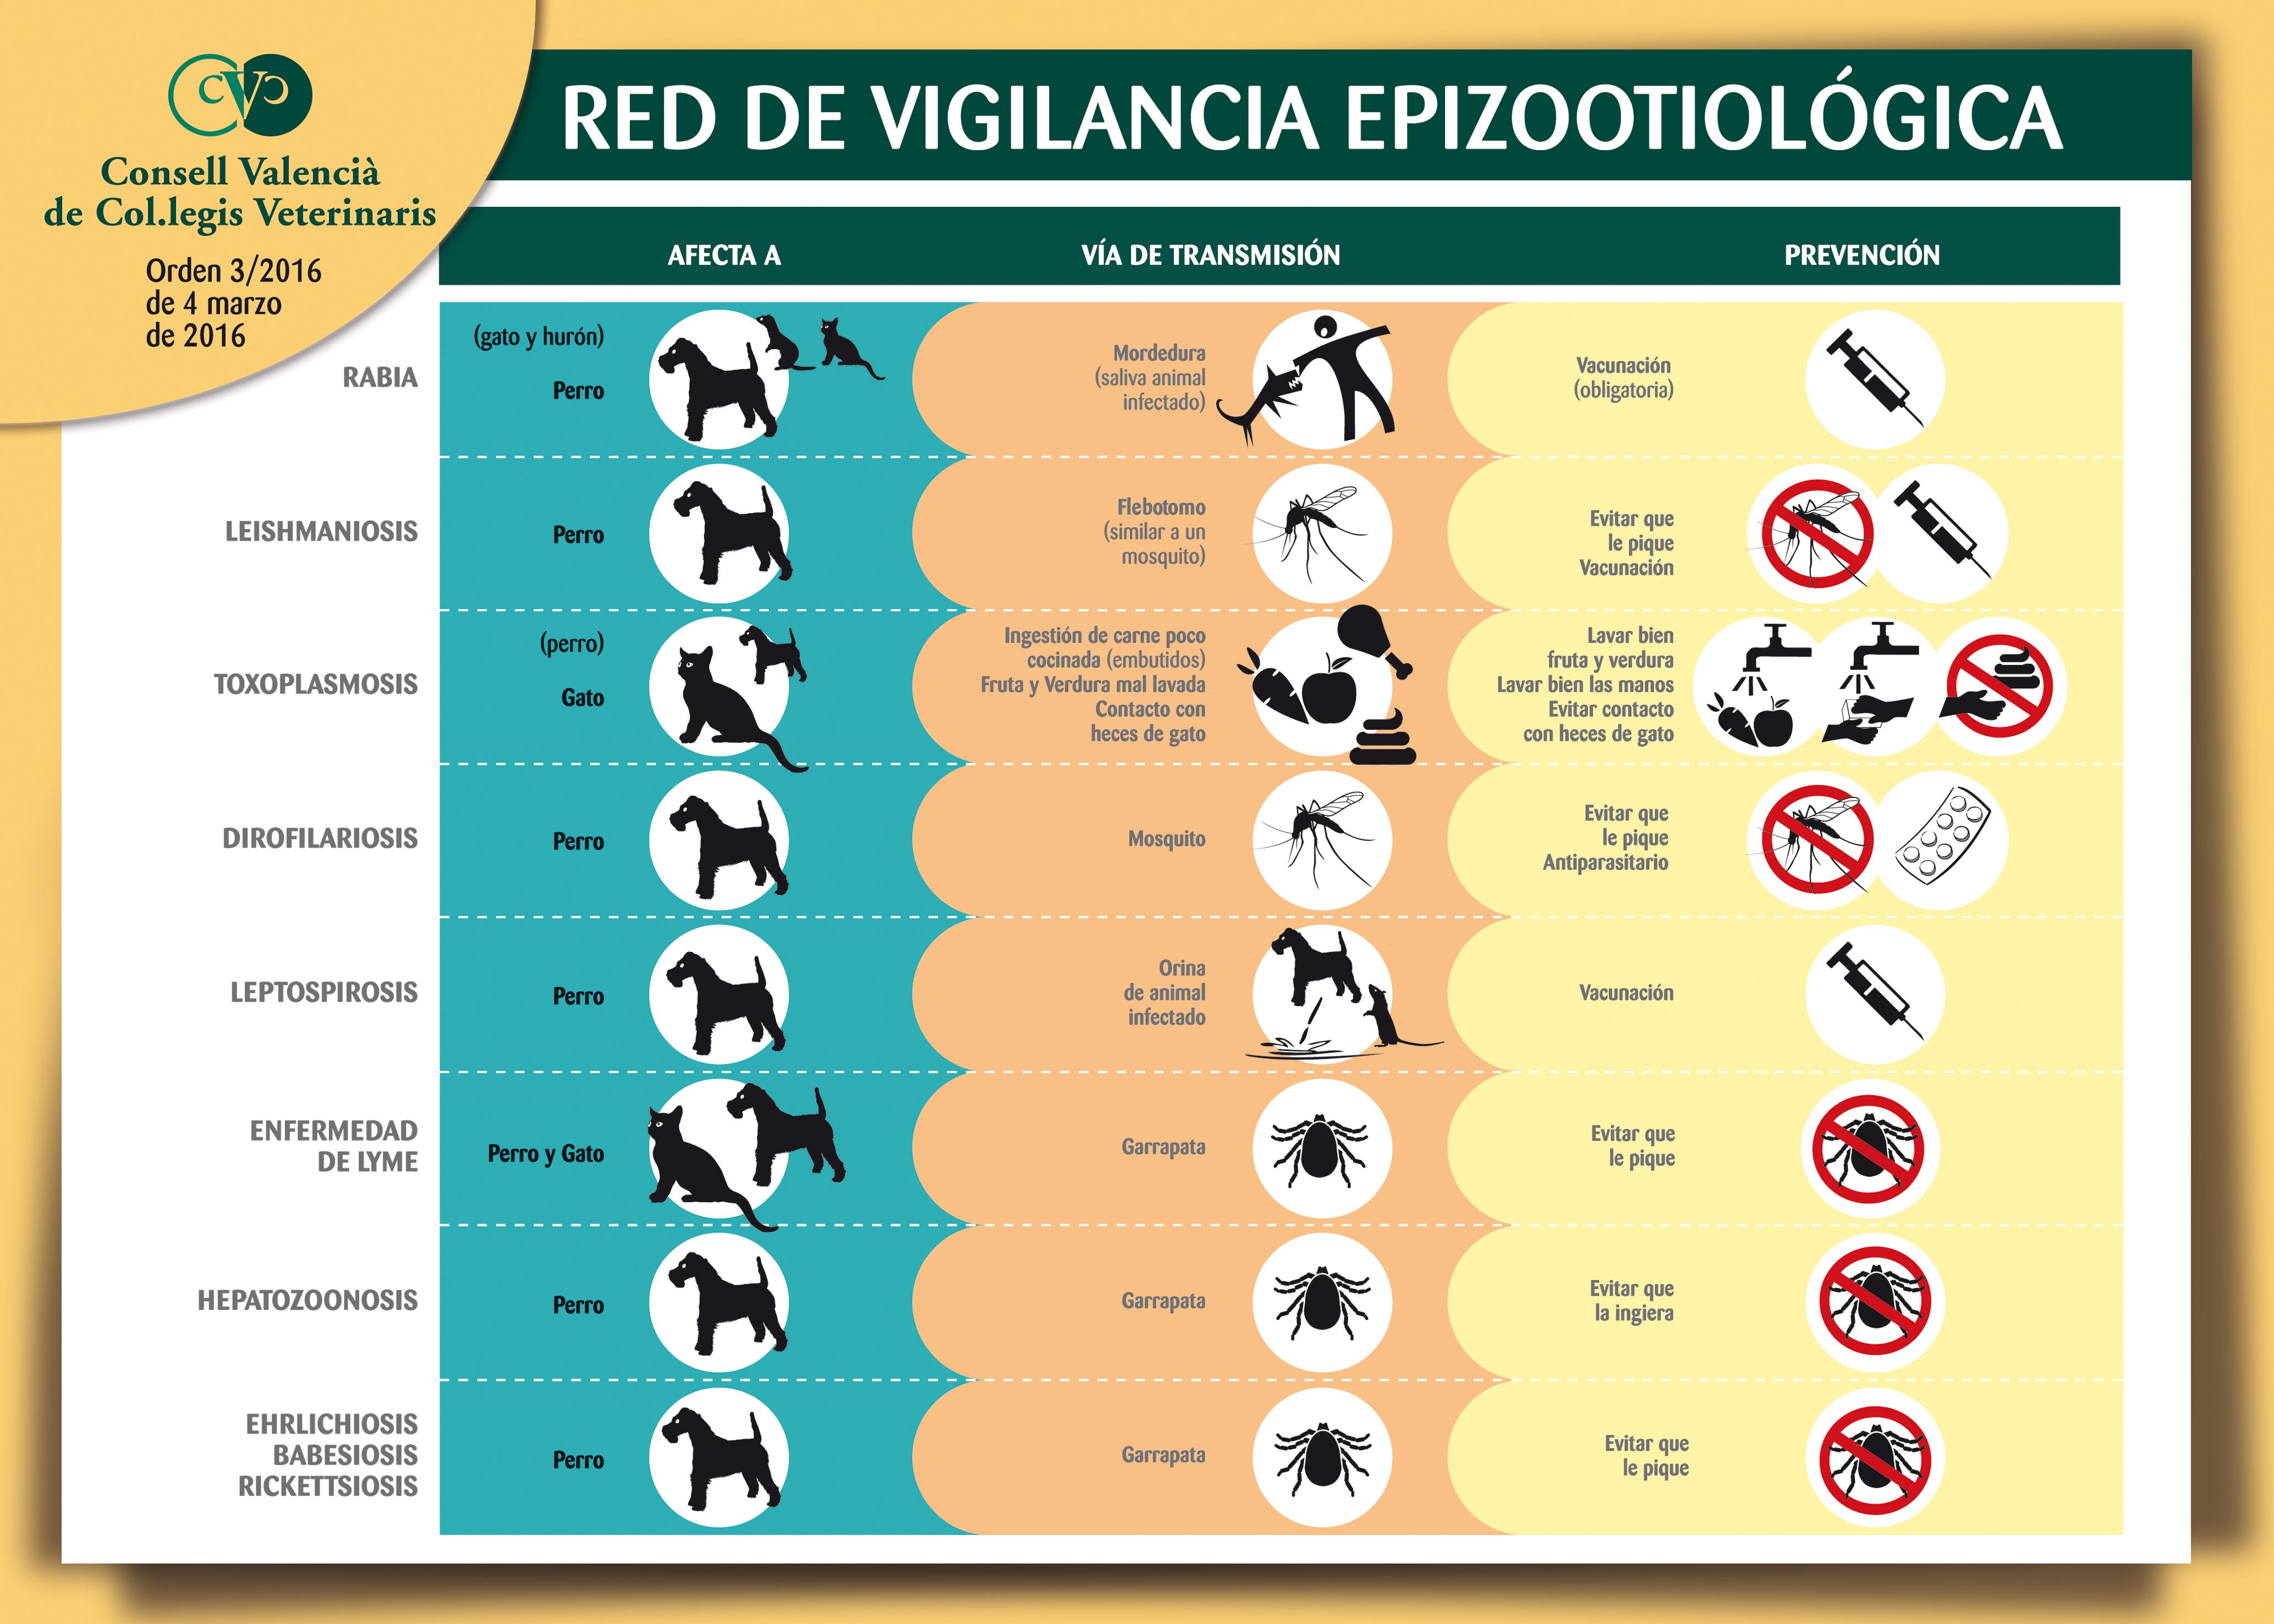 El CVCV edita 15.000 dípticos y pósters de la Red de Vigilancia Epizootiológica